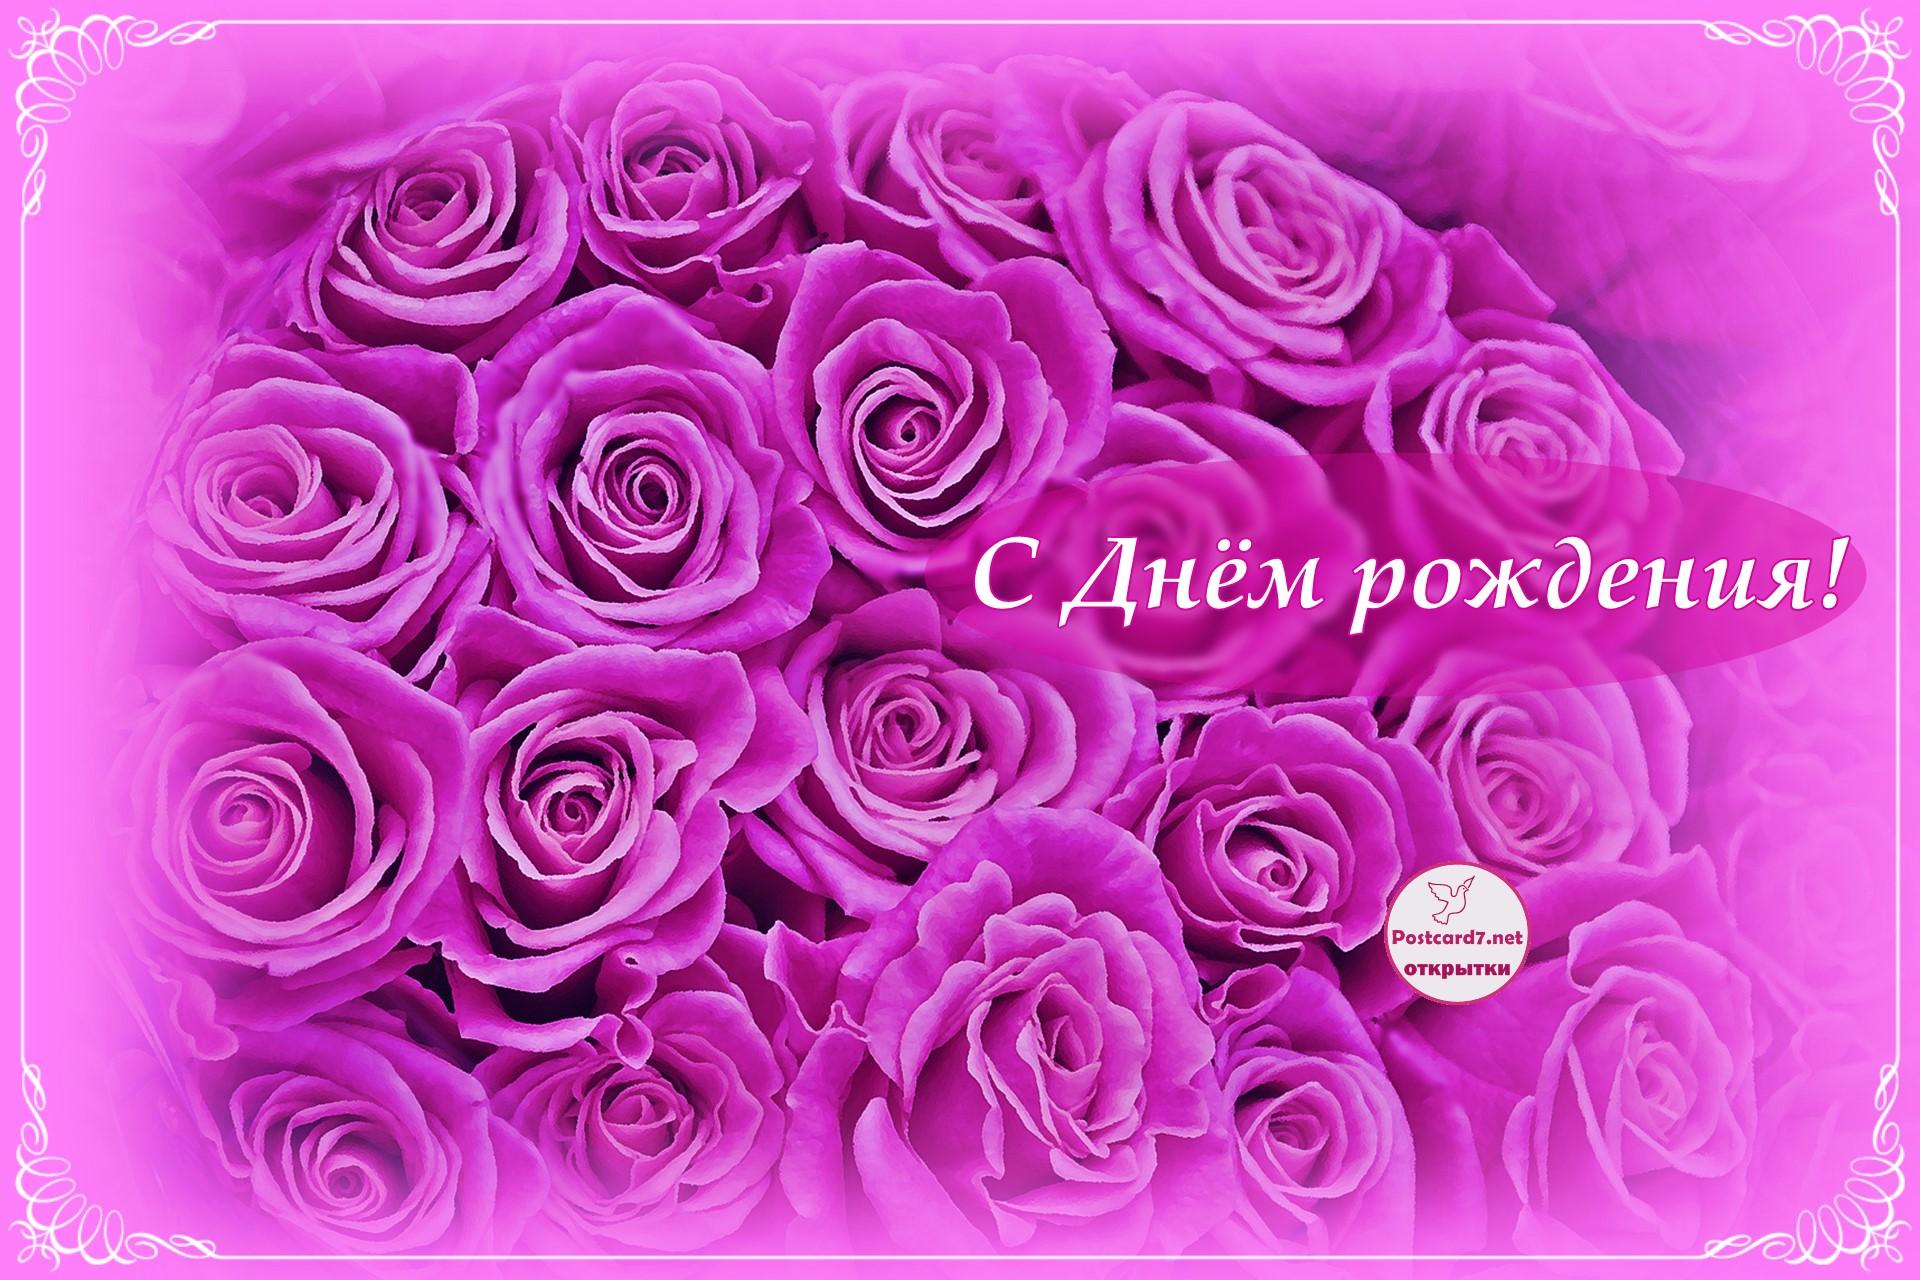 Открытка с с букетом сиреневых роз. С Днём рождения!